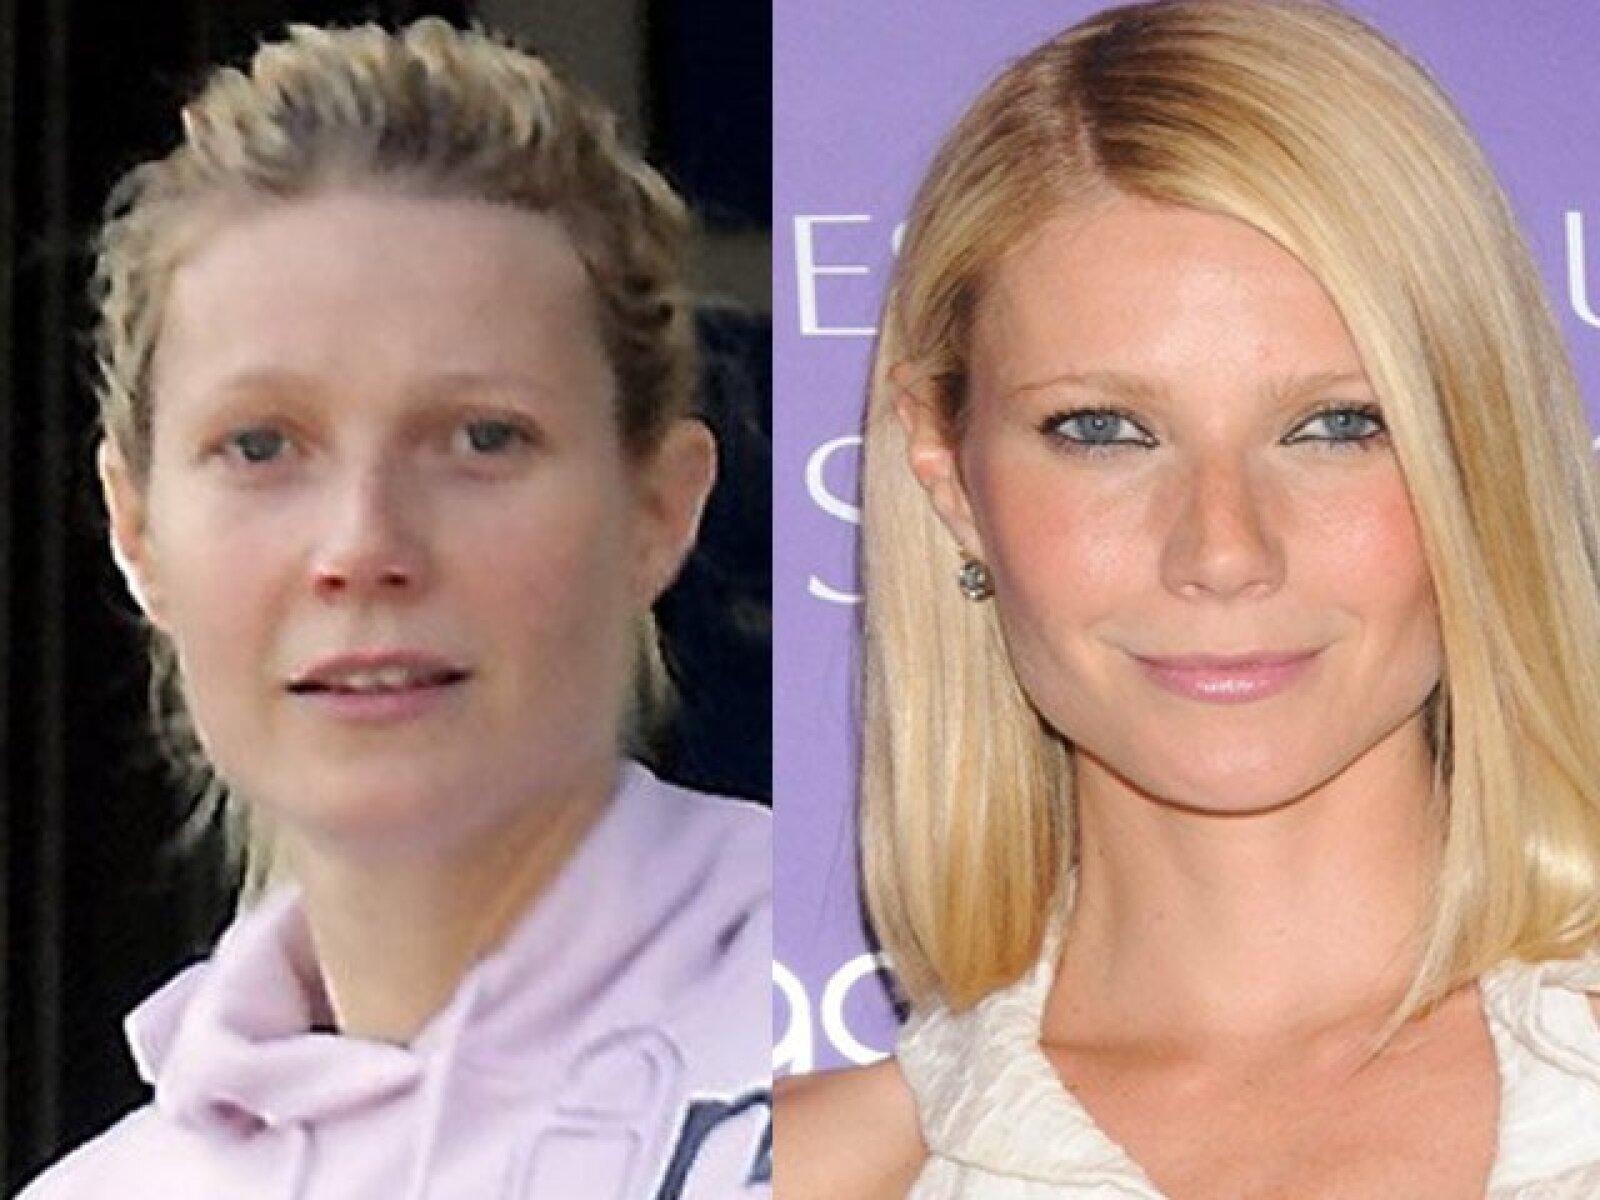 Estamos acostumbrados a ver a Gwyneth Paltrow tan bien arreglada que cuando sale en ropa deportiva y sin maquillaje puede pasar desapercibida por muchos.